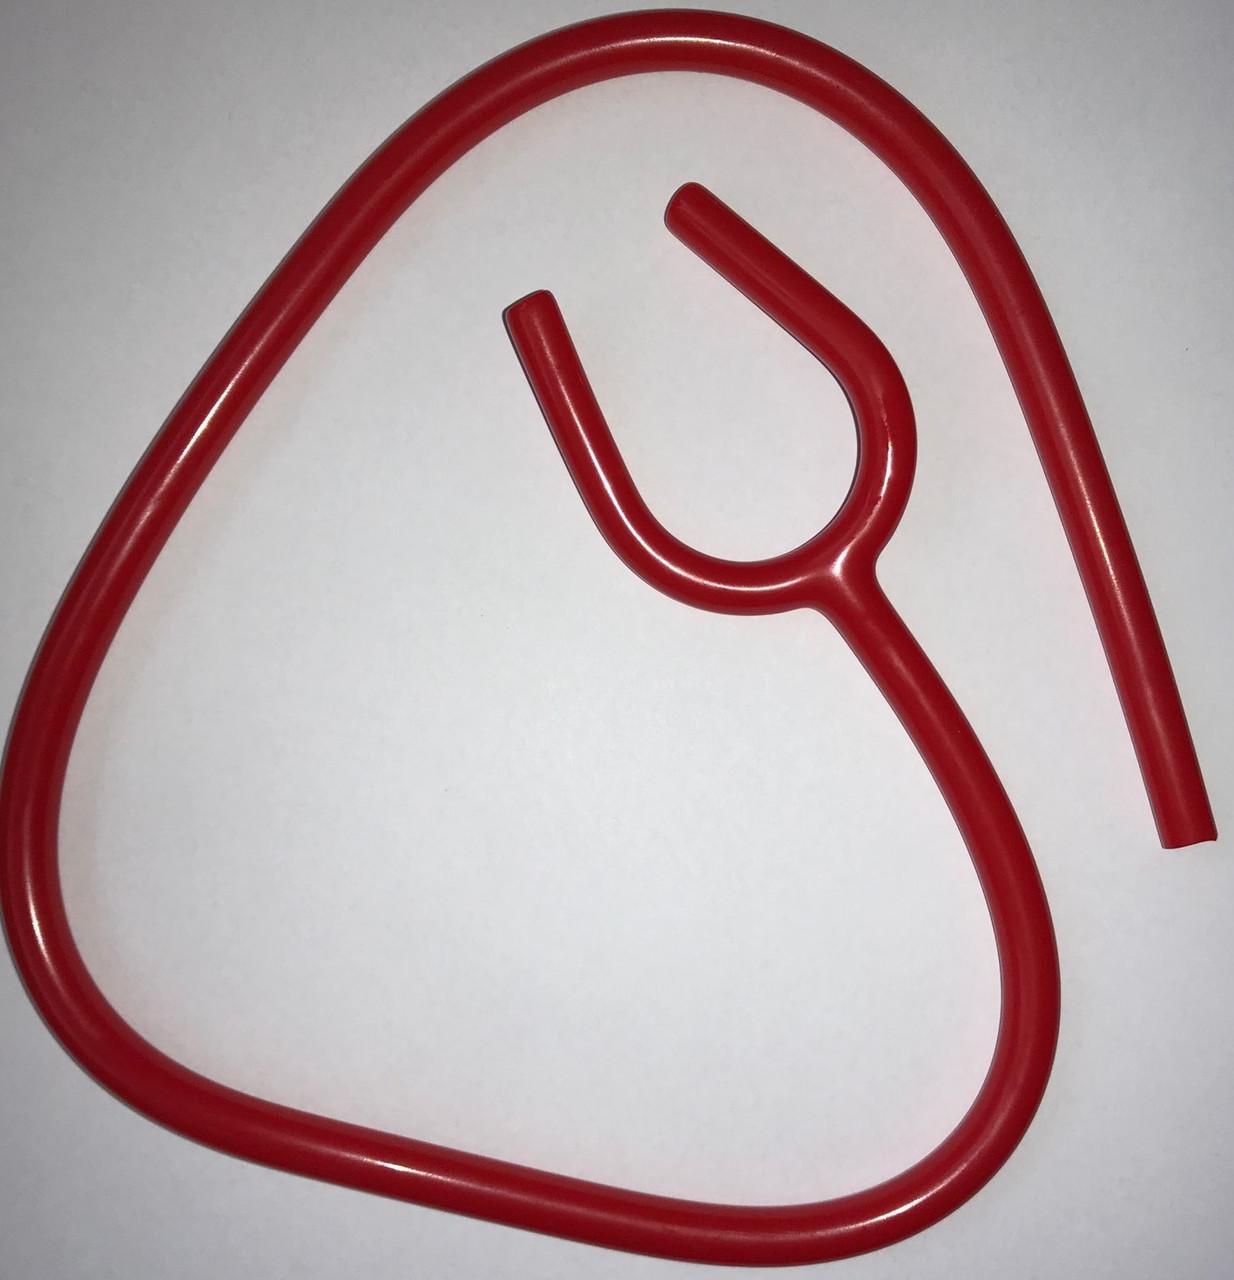 Y-трубка GIMA из PVC на стетоскоп и фонендоскоп, звукопроводящая, КРАСНАЯ, Италия